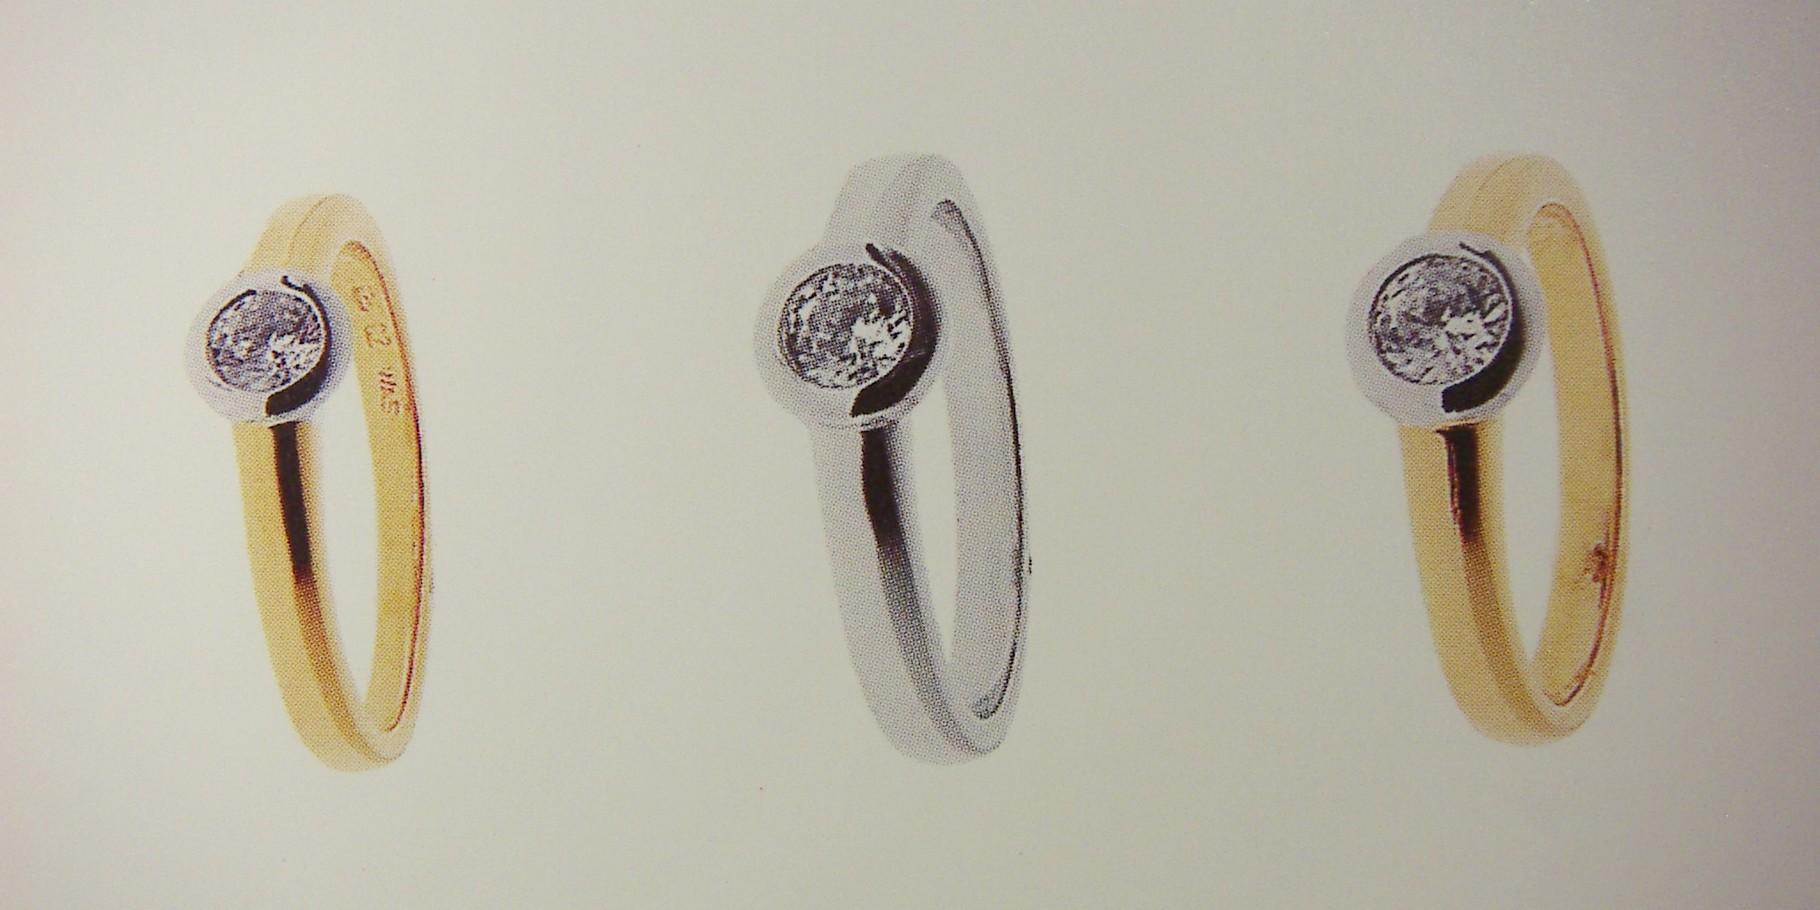 Ring, Gelb- und Weissgold 750, mit Zargen-Fassung